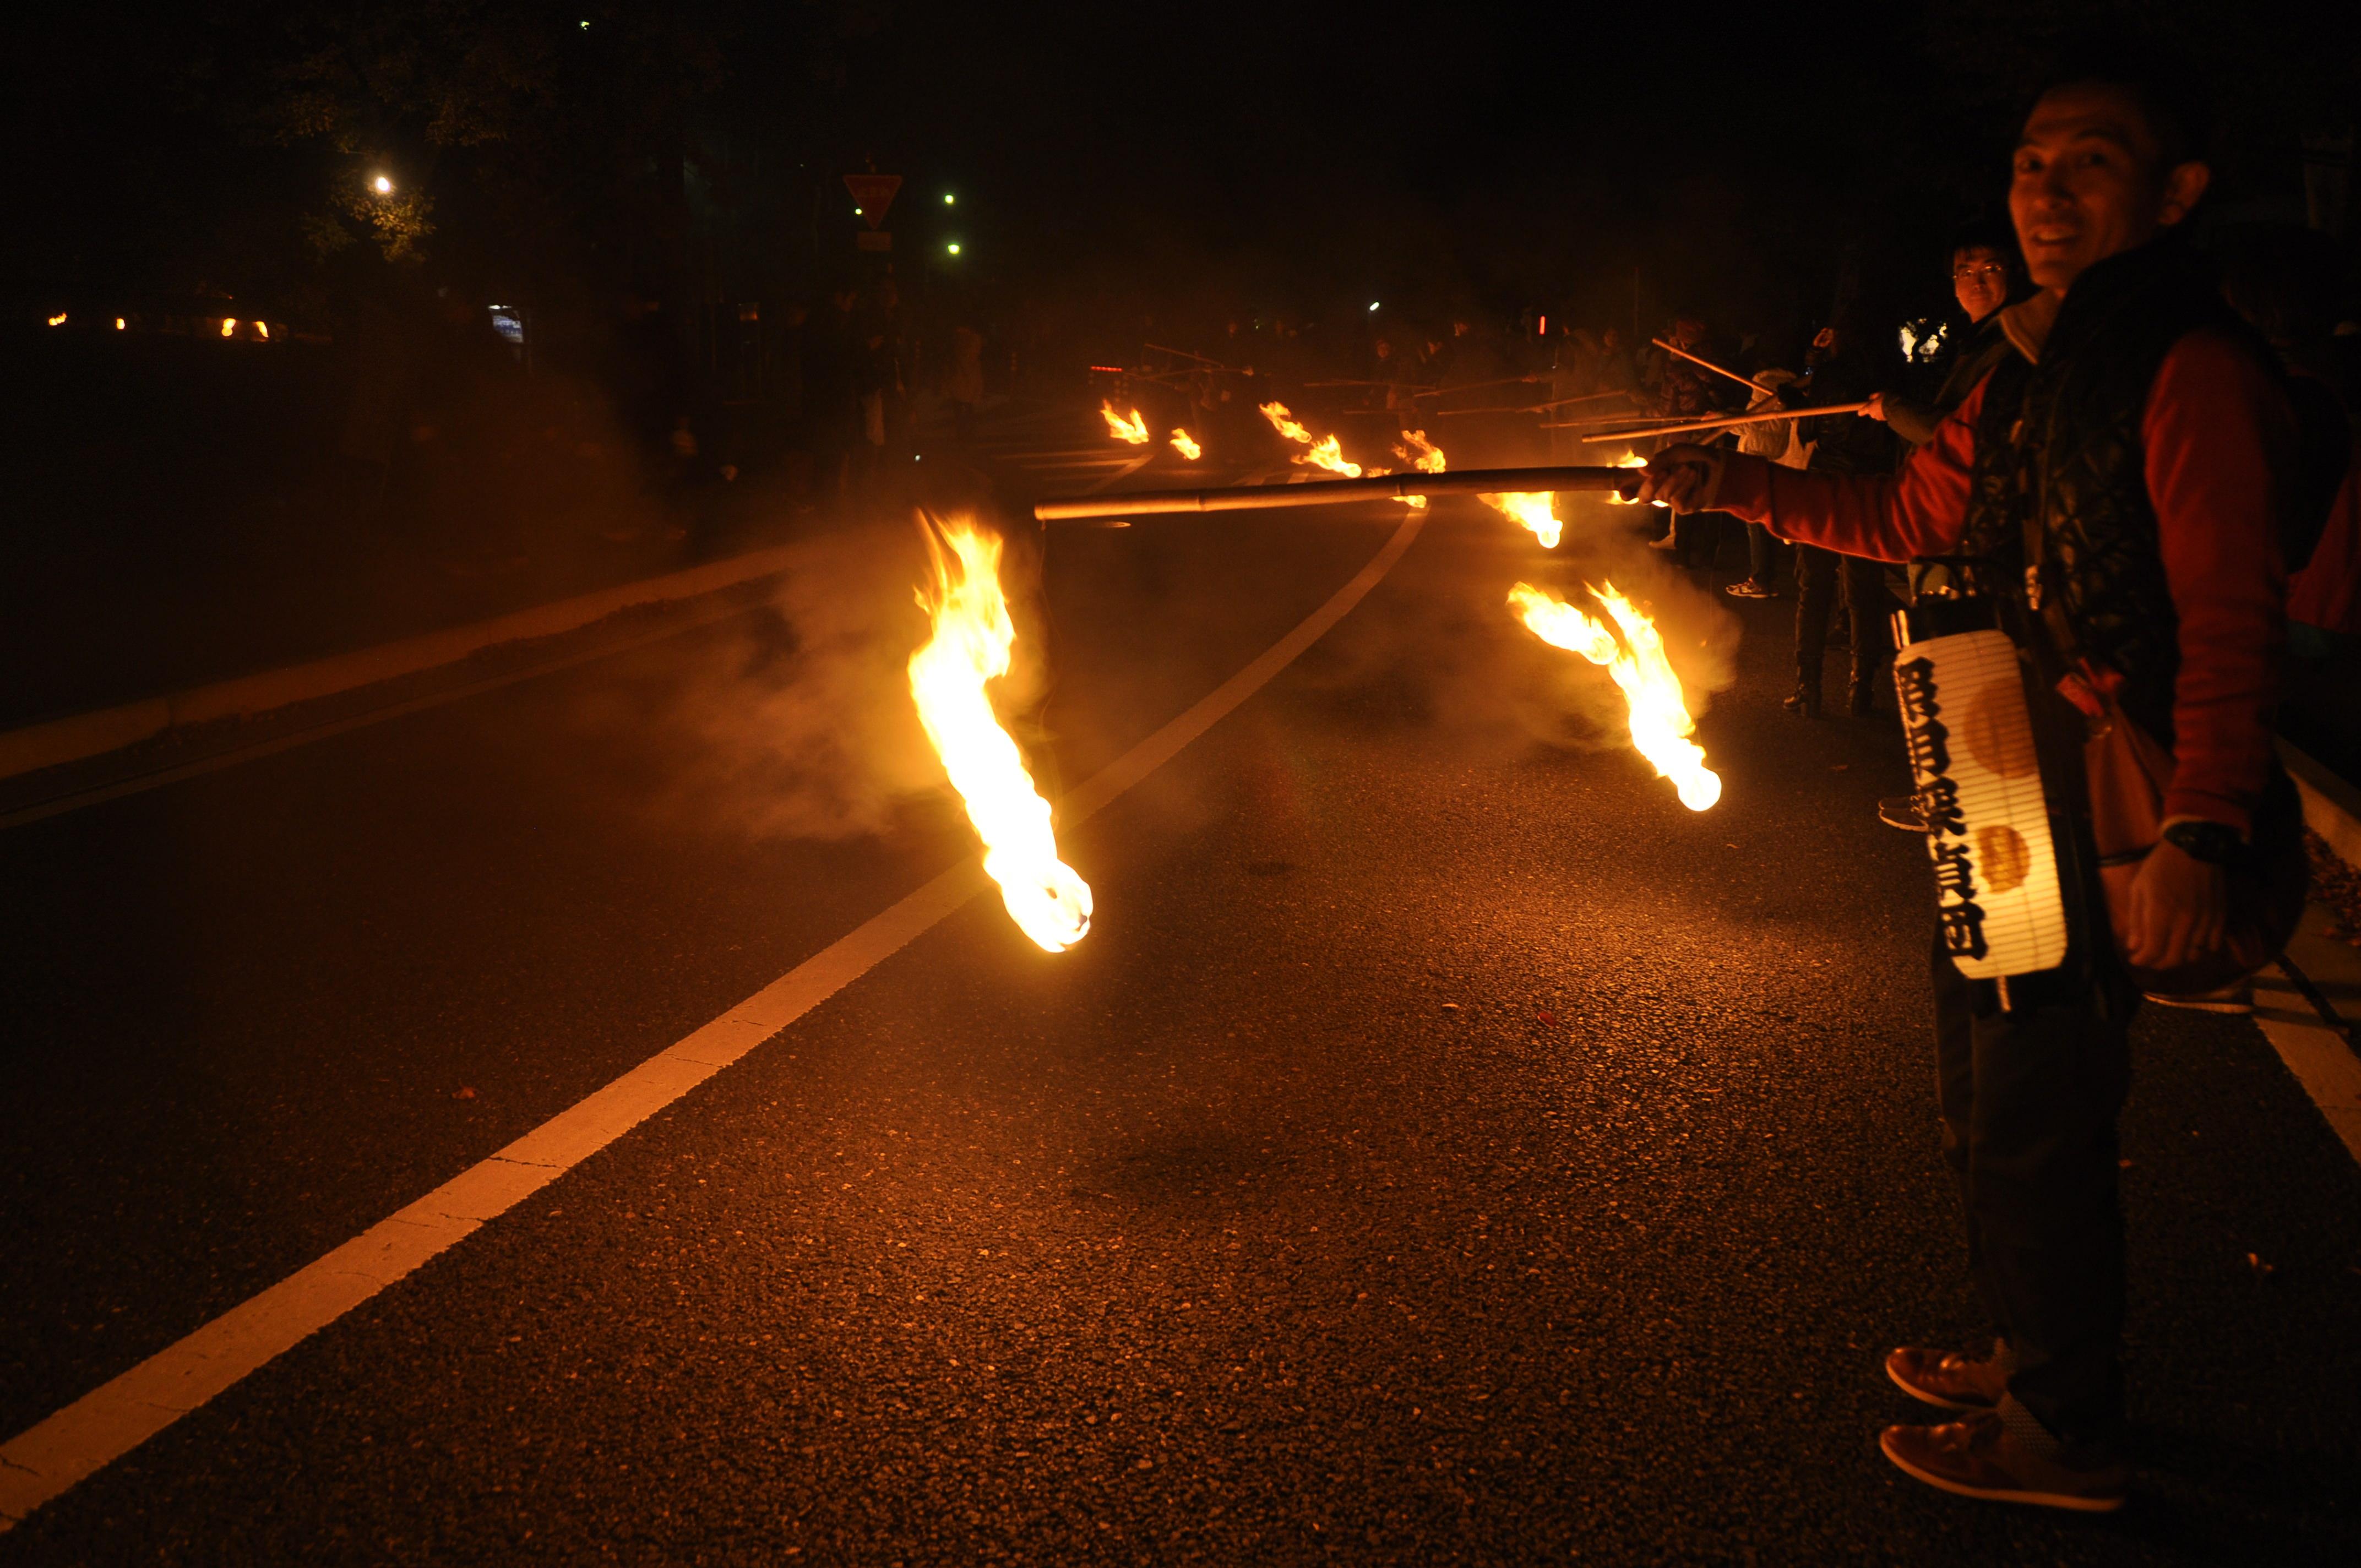 予想より大きい炎に腰がひけている。